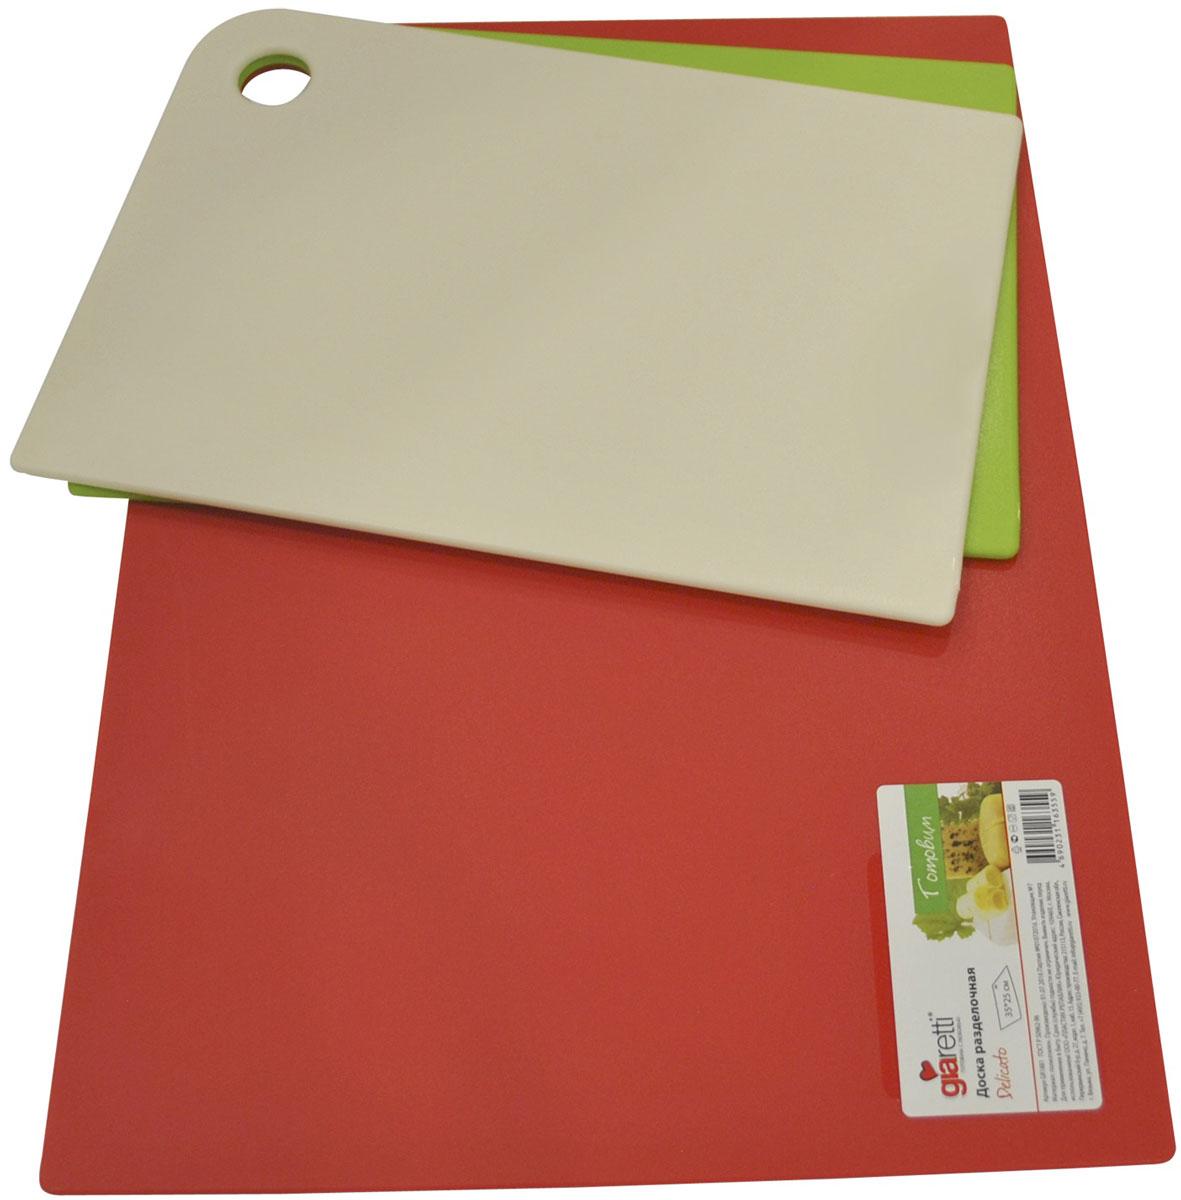 Набор разделочных досок Giaretti Trio, цвет: оливковый, сливочный, красный, 3 предметаGR1886МИКСМаленькие и большие, под хлеб или сыр, овощи или мясо. Разделочных досок много не бывает. Giaretti предлагает новинку – гибкие доски. Преимущества: не скользит по поверхности стола - Вы можете резать продукты и не отвлекаться на мелочи; удобно использовать - на гибкой доске Вы сможете порезать продукты, согнув доску переложить их в блюдо и не рассыпать содержимое; легкие доски займут мало места на Вашей кухне; легко моются в посудомоечной машине; 2 оптимальных размера досок позволят Вам порезать небольшой кусок сыра или нашинковать много овощей. Вы можете купить доску как штучно, так и в наборе, и максимально эффективно организовать пространство на кухне. Набор Trio мы специально создали для разных типов продуктов, которые обозначены цветом. Очень удобно: мясо и свежую рыбу Вы режете на большой красной доске, овощи на зеленой, сыр/хлеб на доске цвета слоновая кость.